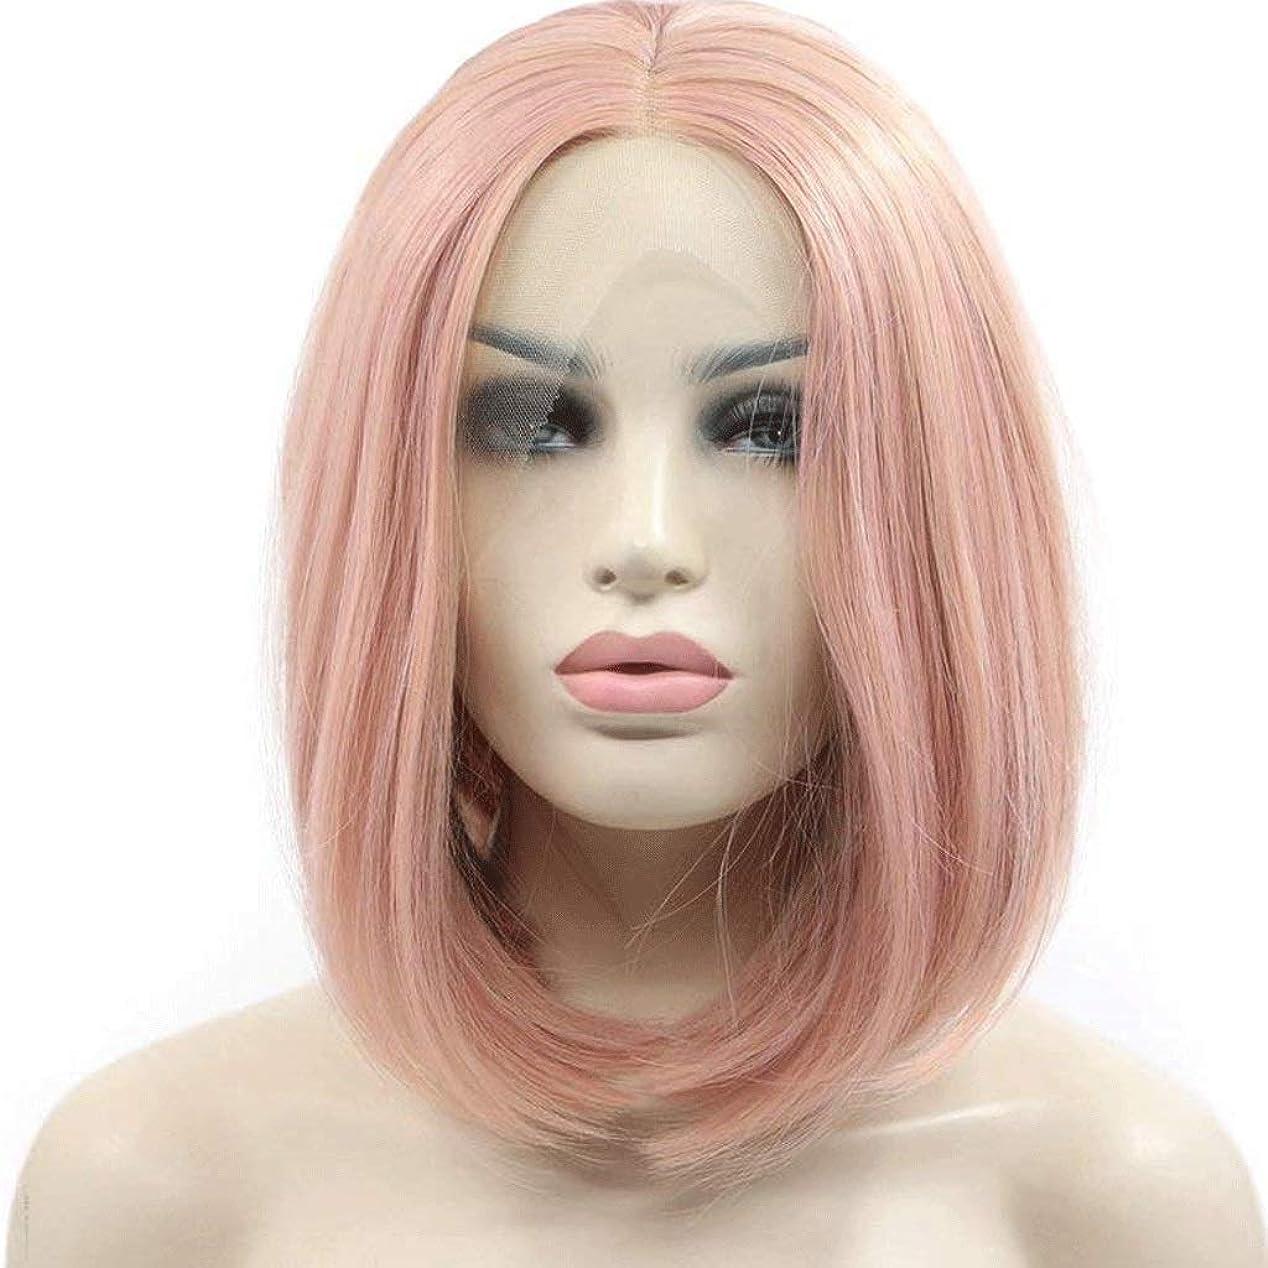 細心の忘れるアシュリータファーマン女性のボブショートかつらピンク耐熱レースフロント人工毛用女性cospalyパーティー髪14インチ (Color : Pink)